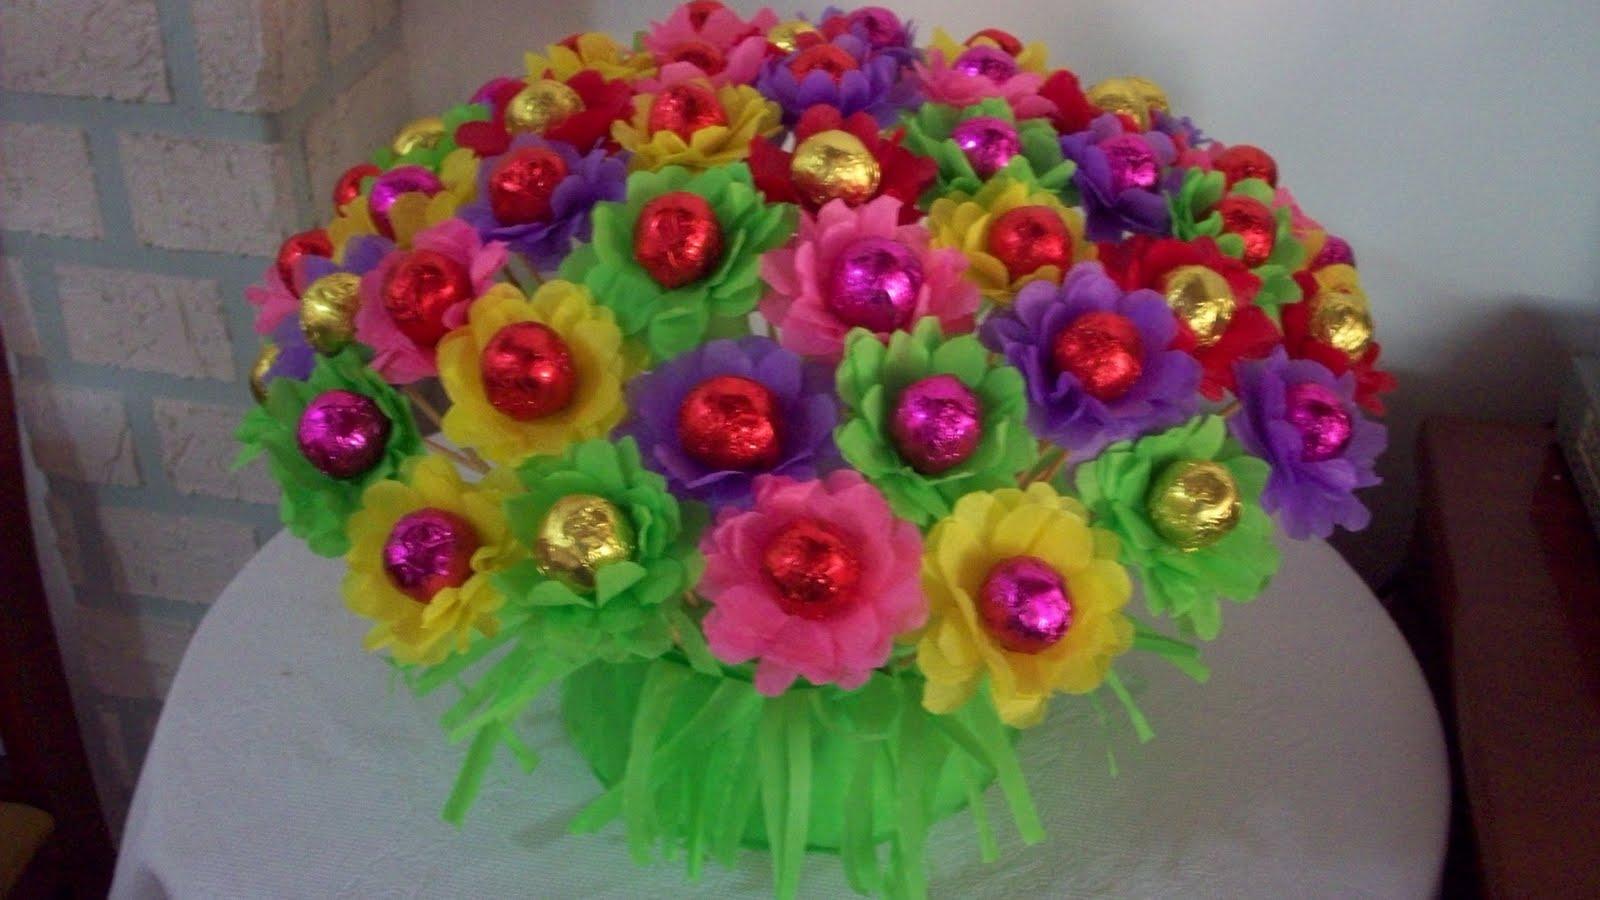 Mulheres SÃo Como Flores: Bela Sião: As Mulheres São Como Flores